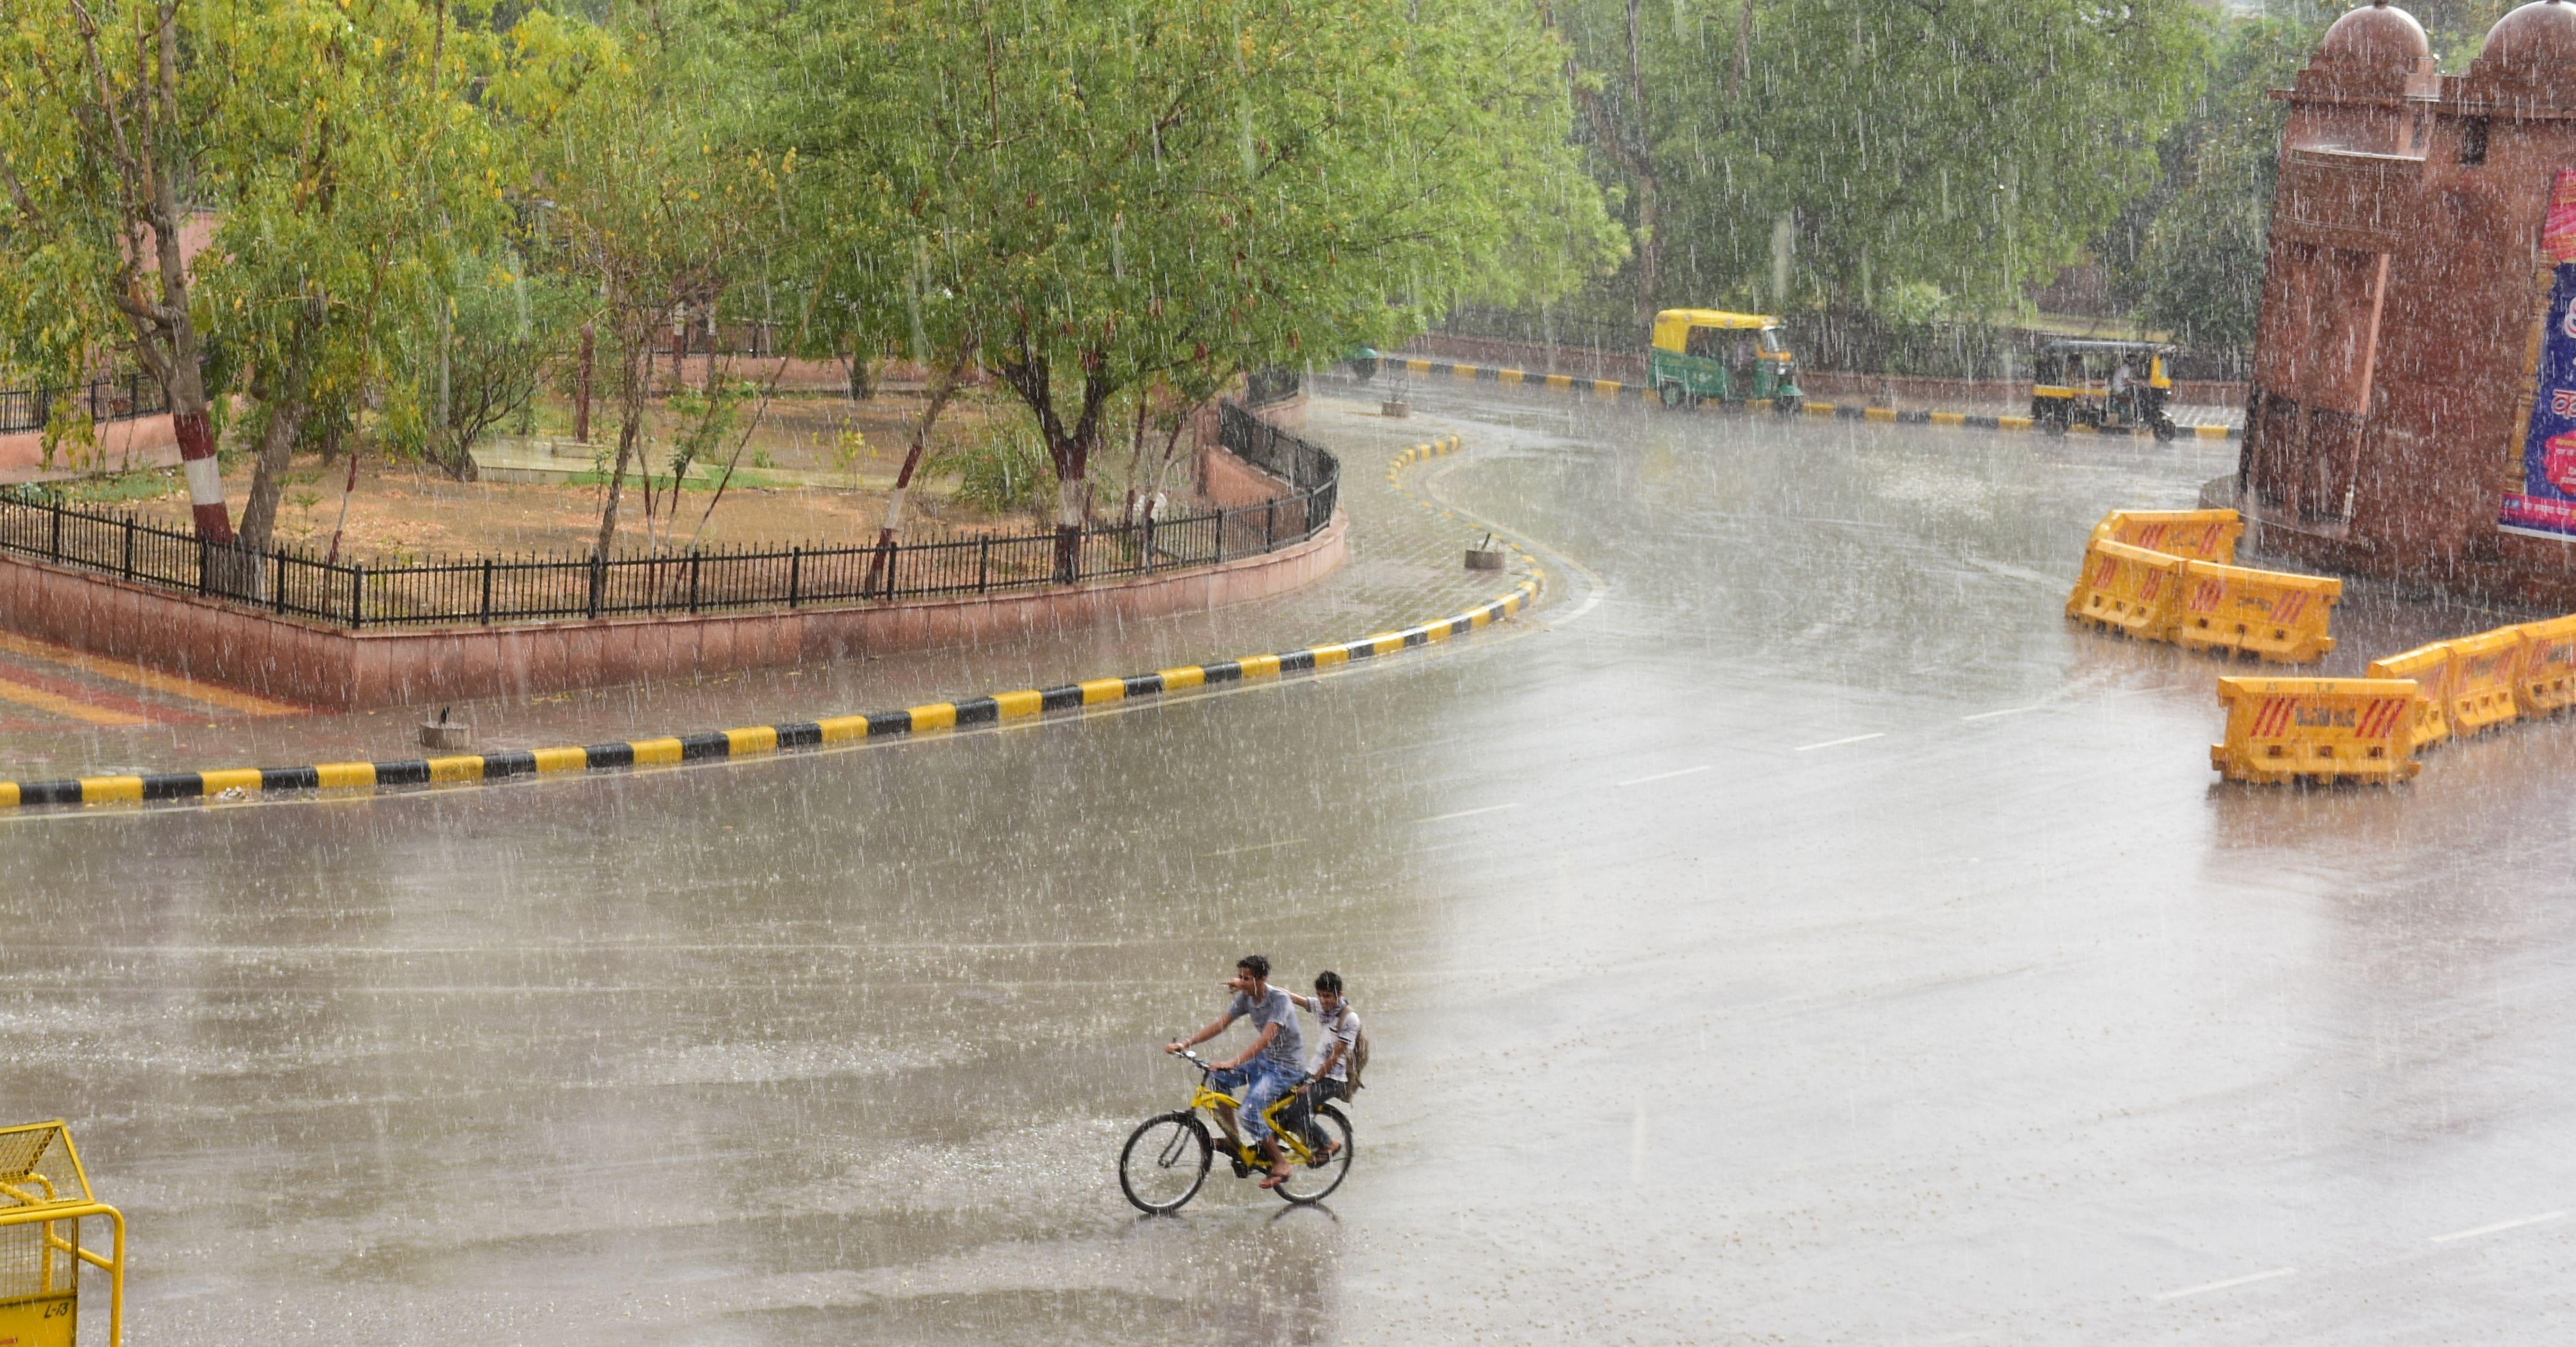 बारिश के साथ ओलावृष्टि, तापमान में 11 डिग्री की गिरावट दर्ज